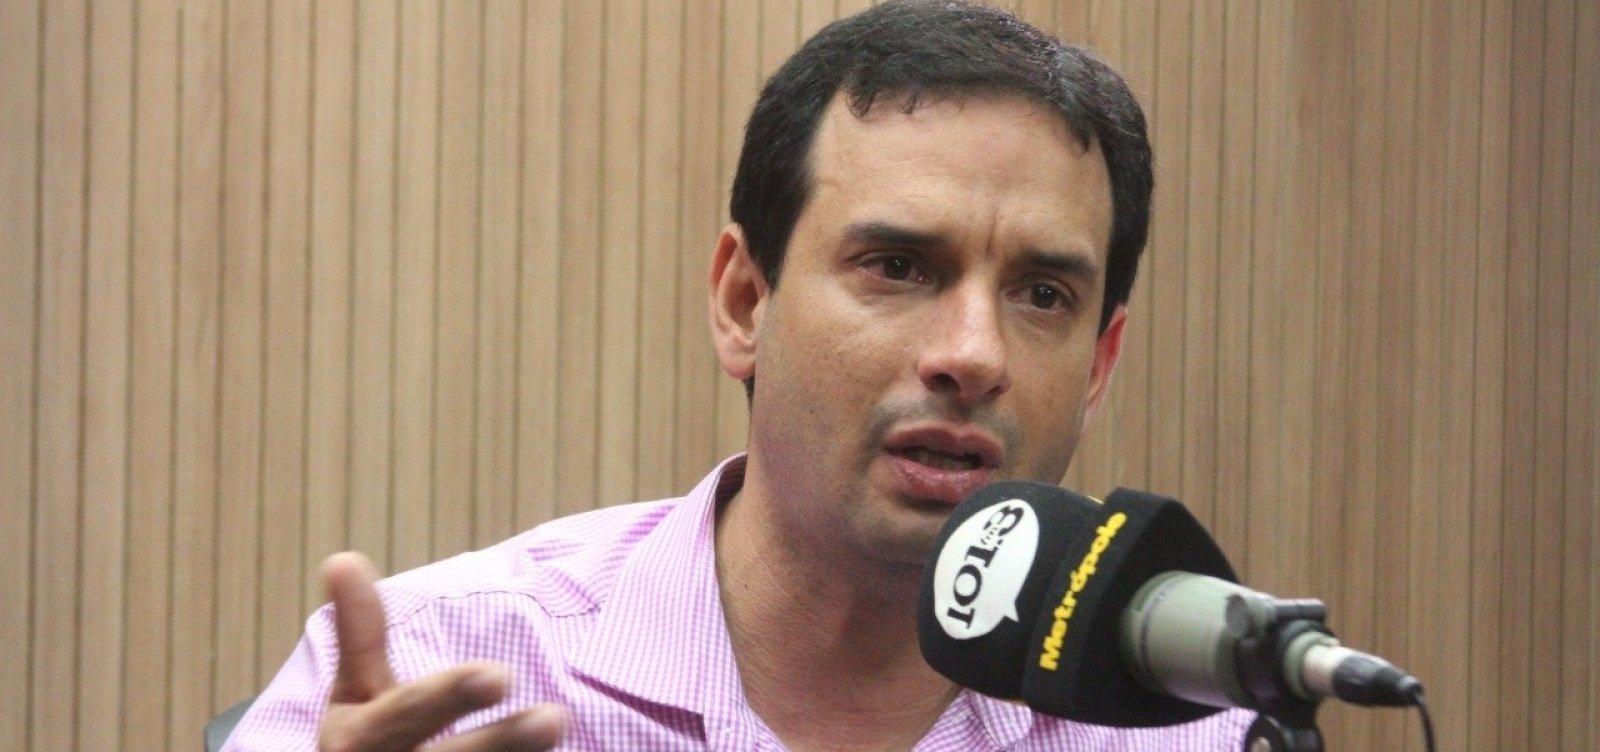 'Caminhamos em direção a isso', diz Leo Prates sobre colapso do sistema de saúde e lockdown em Salvador